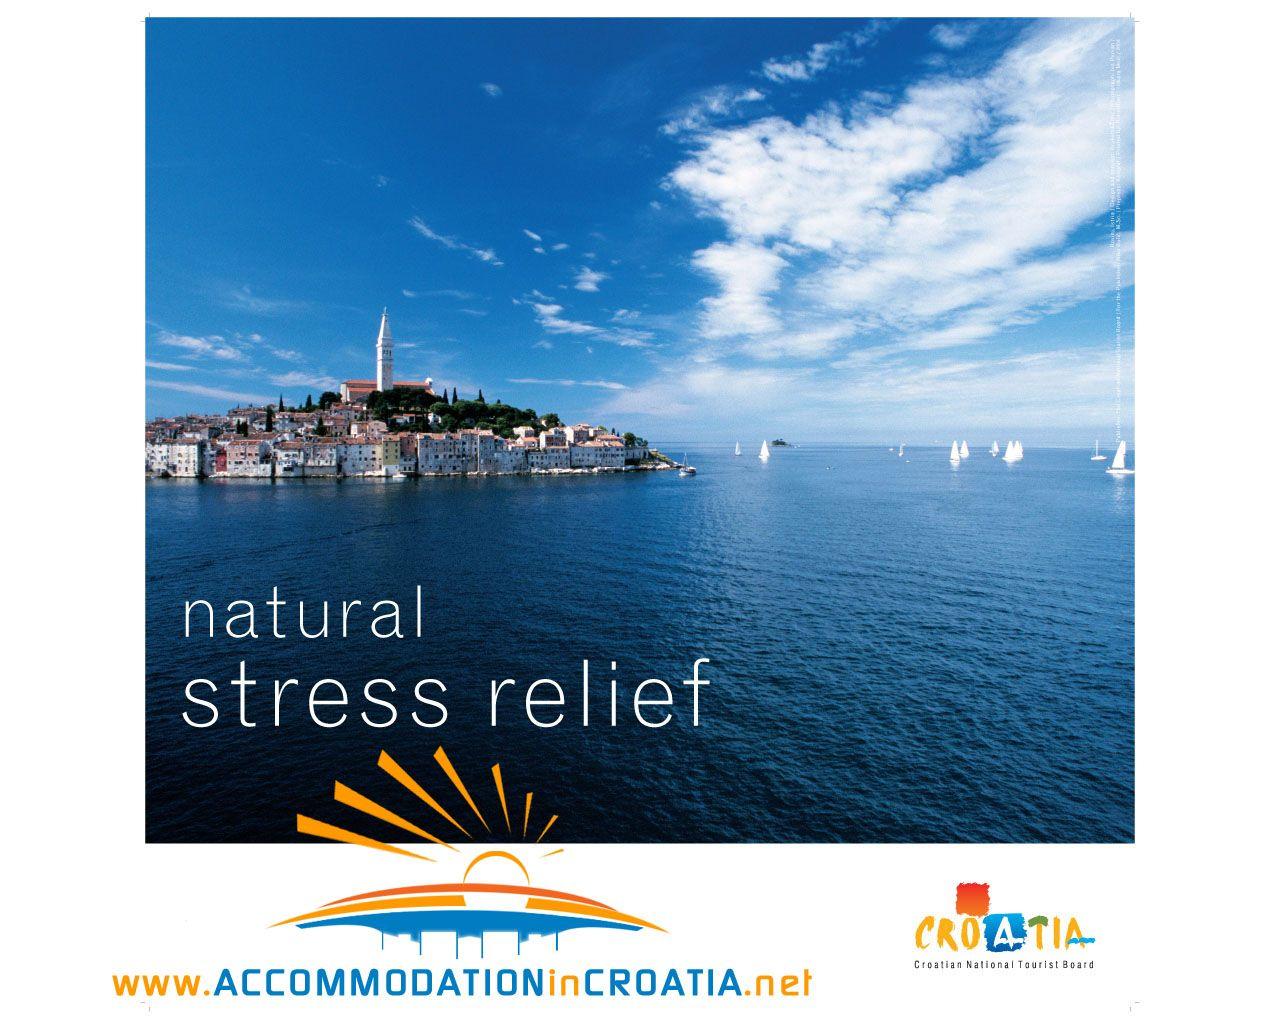 Croatia En Www Accommodationincroatia Net Cz Www Ubytovanivchorvatsku Cz De Www Unterkunftinkroatien De It Favorite Places Rovinj Hotels And Resorts